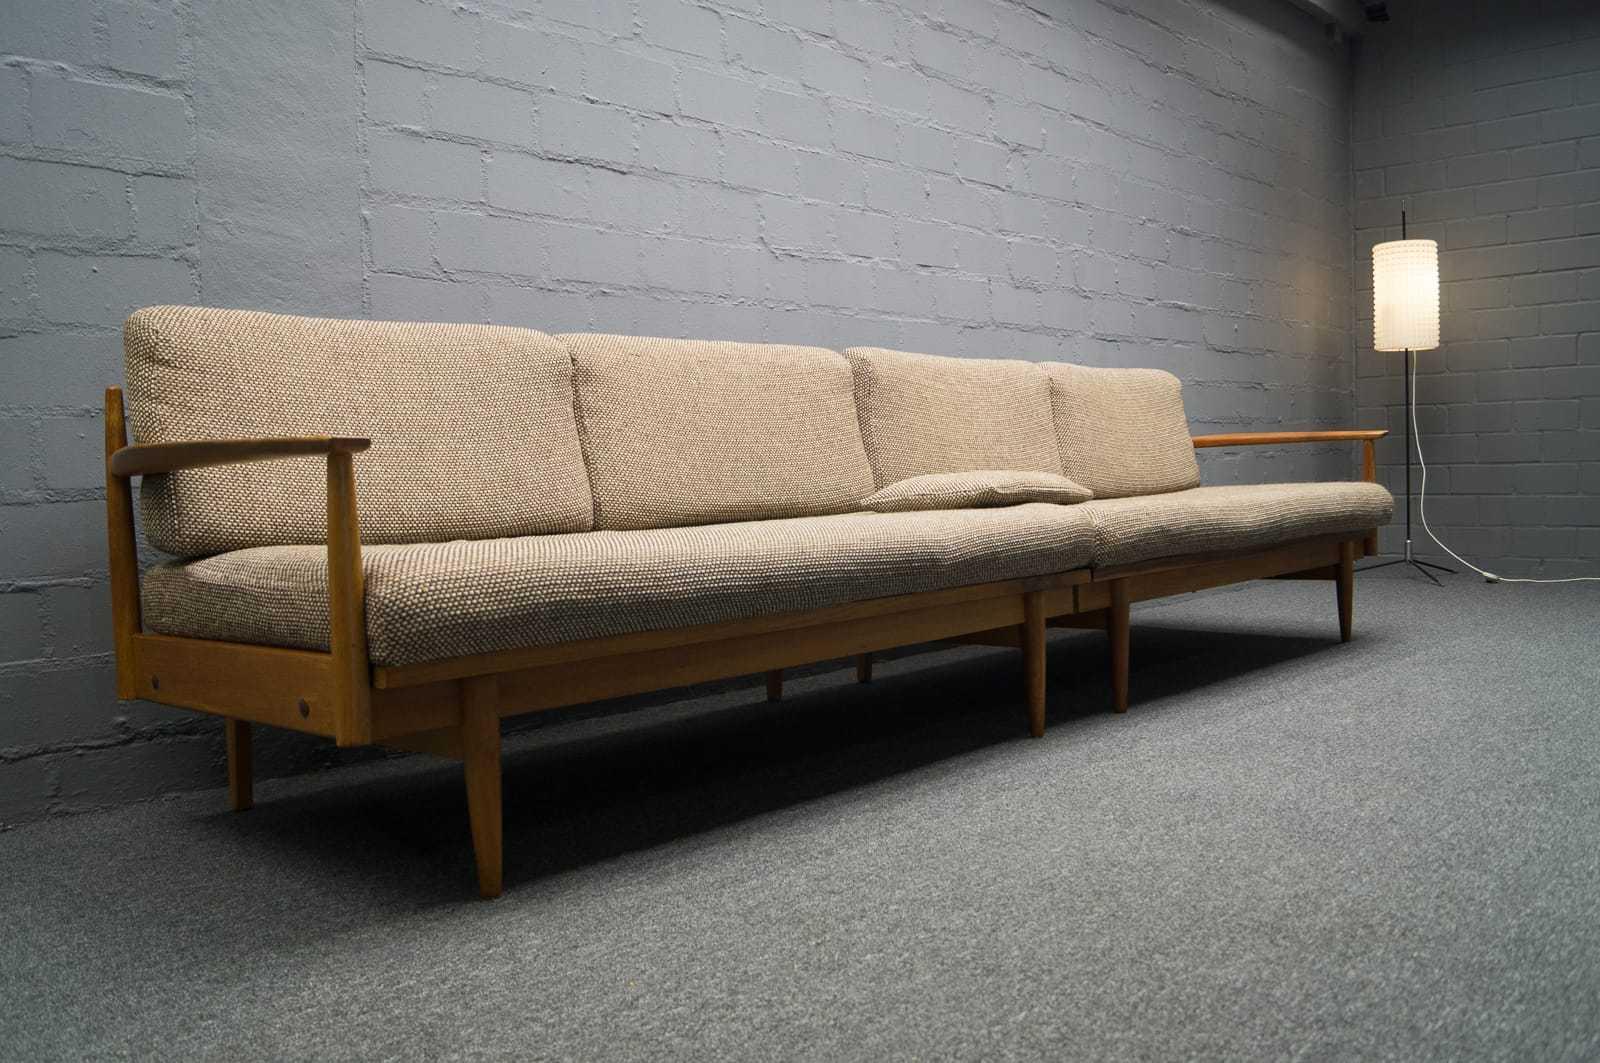 2x Sofa Daybed 3x Sessel Skandinavische Sitzgruppe